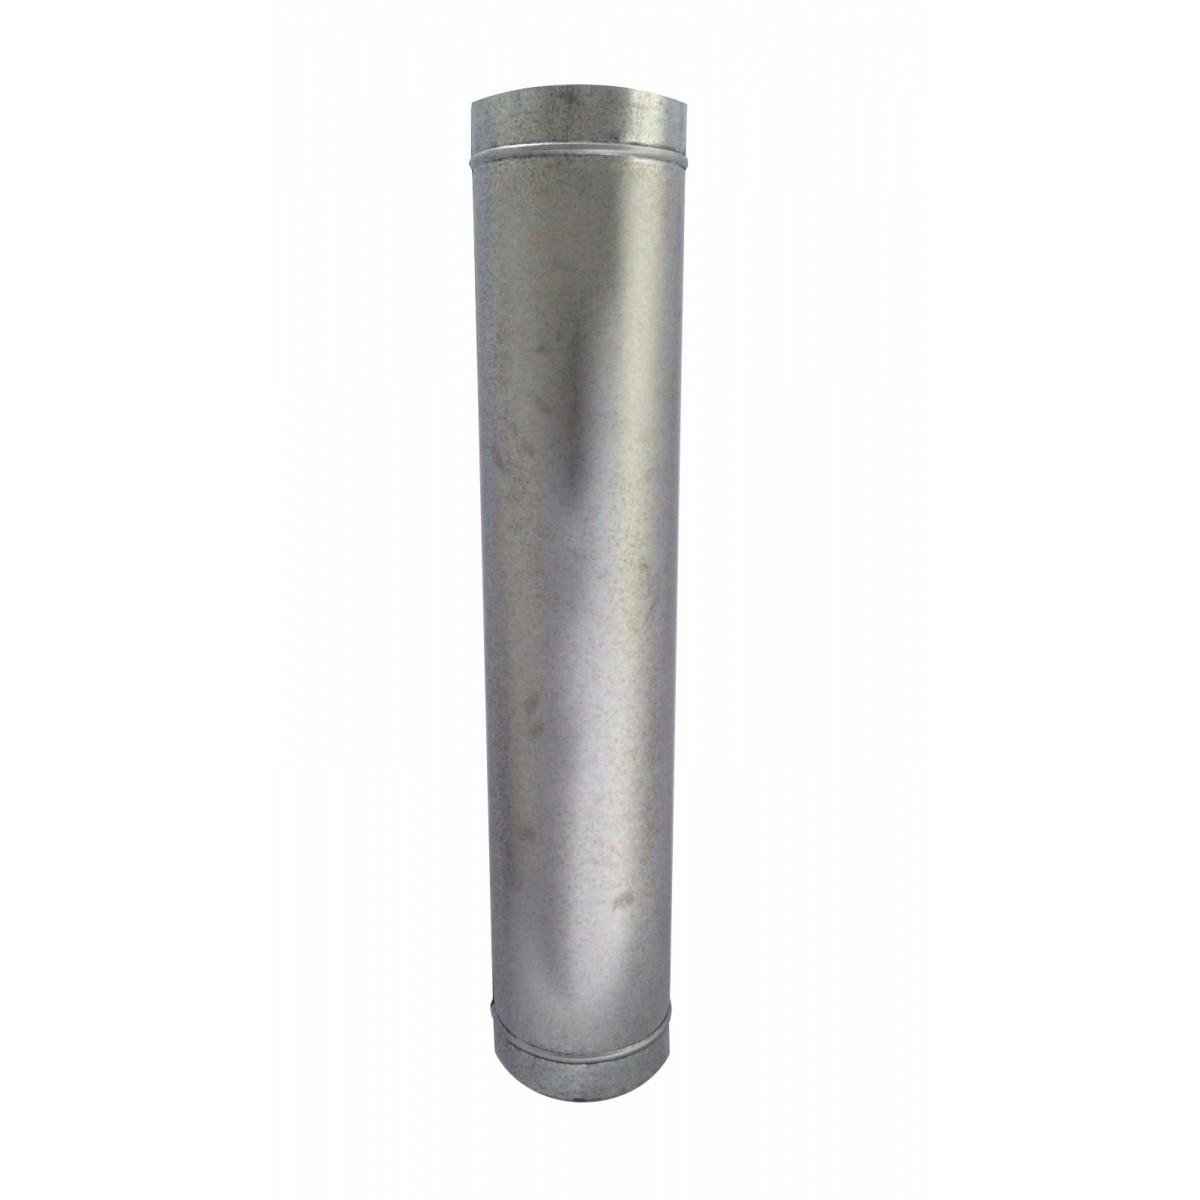 Duto galvanizado para chaminé de 200 mm de diâmetro  - Galvocalhas